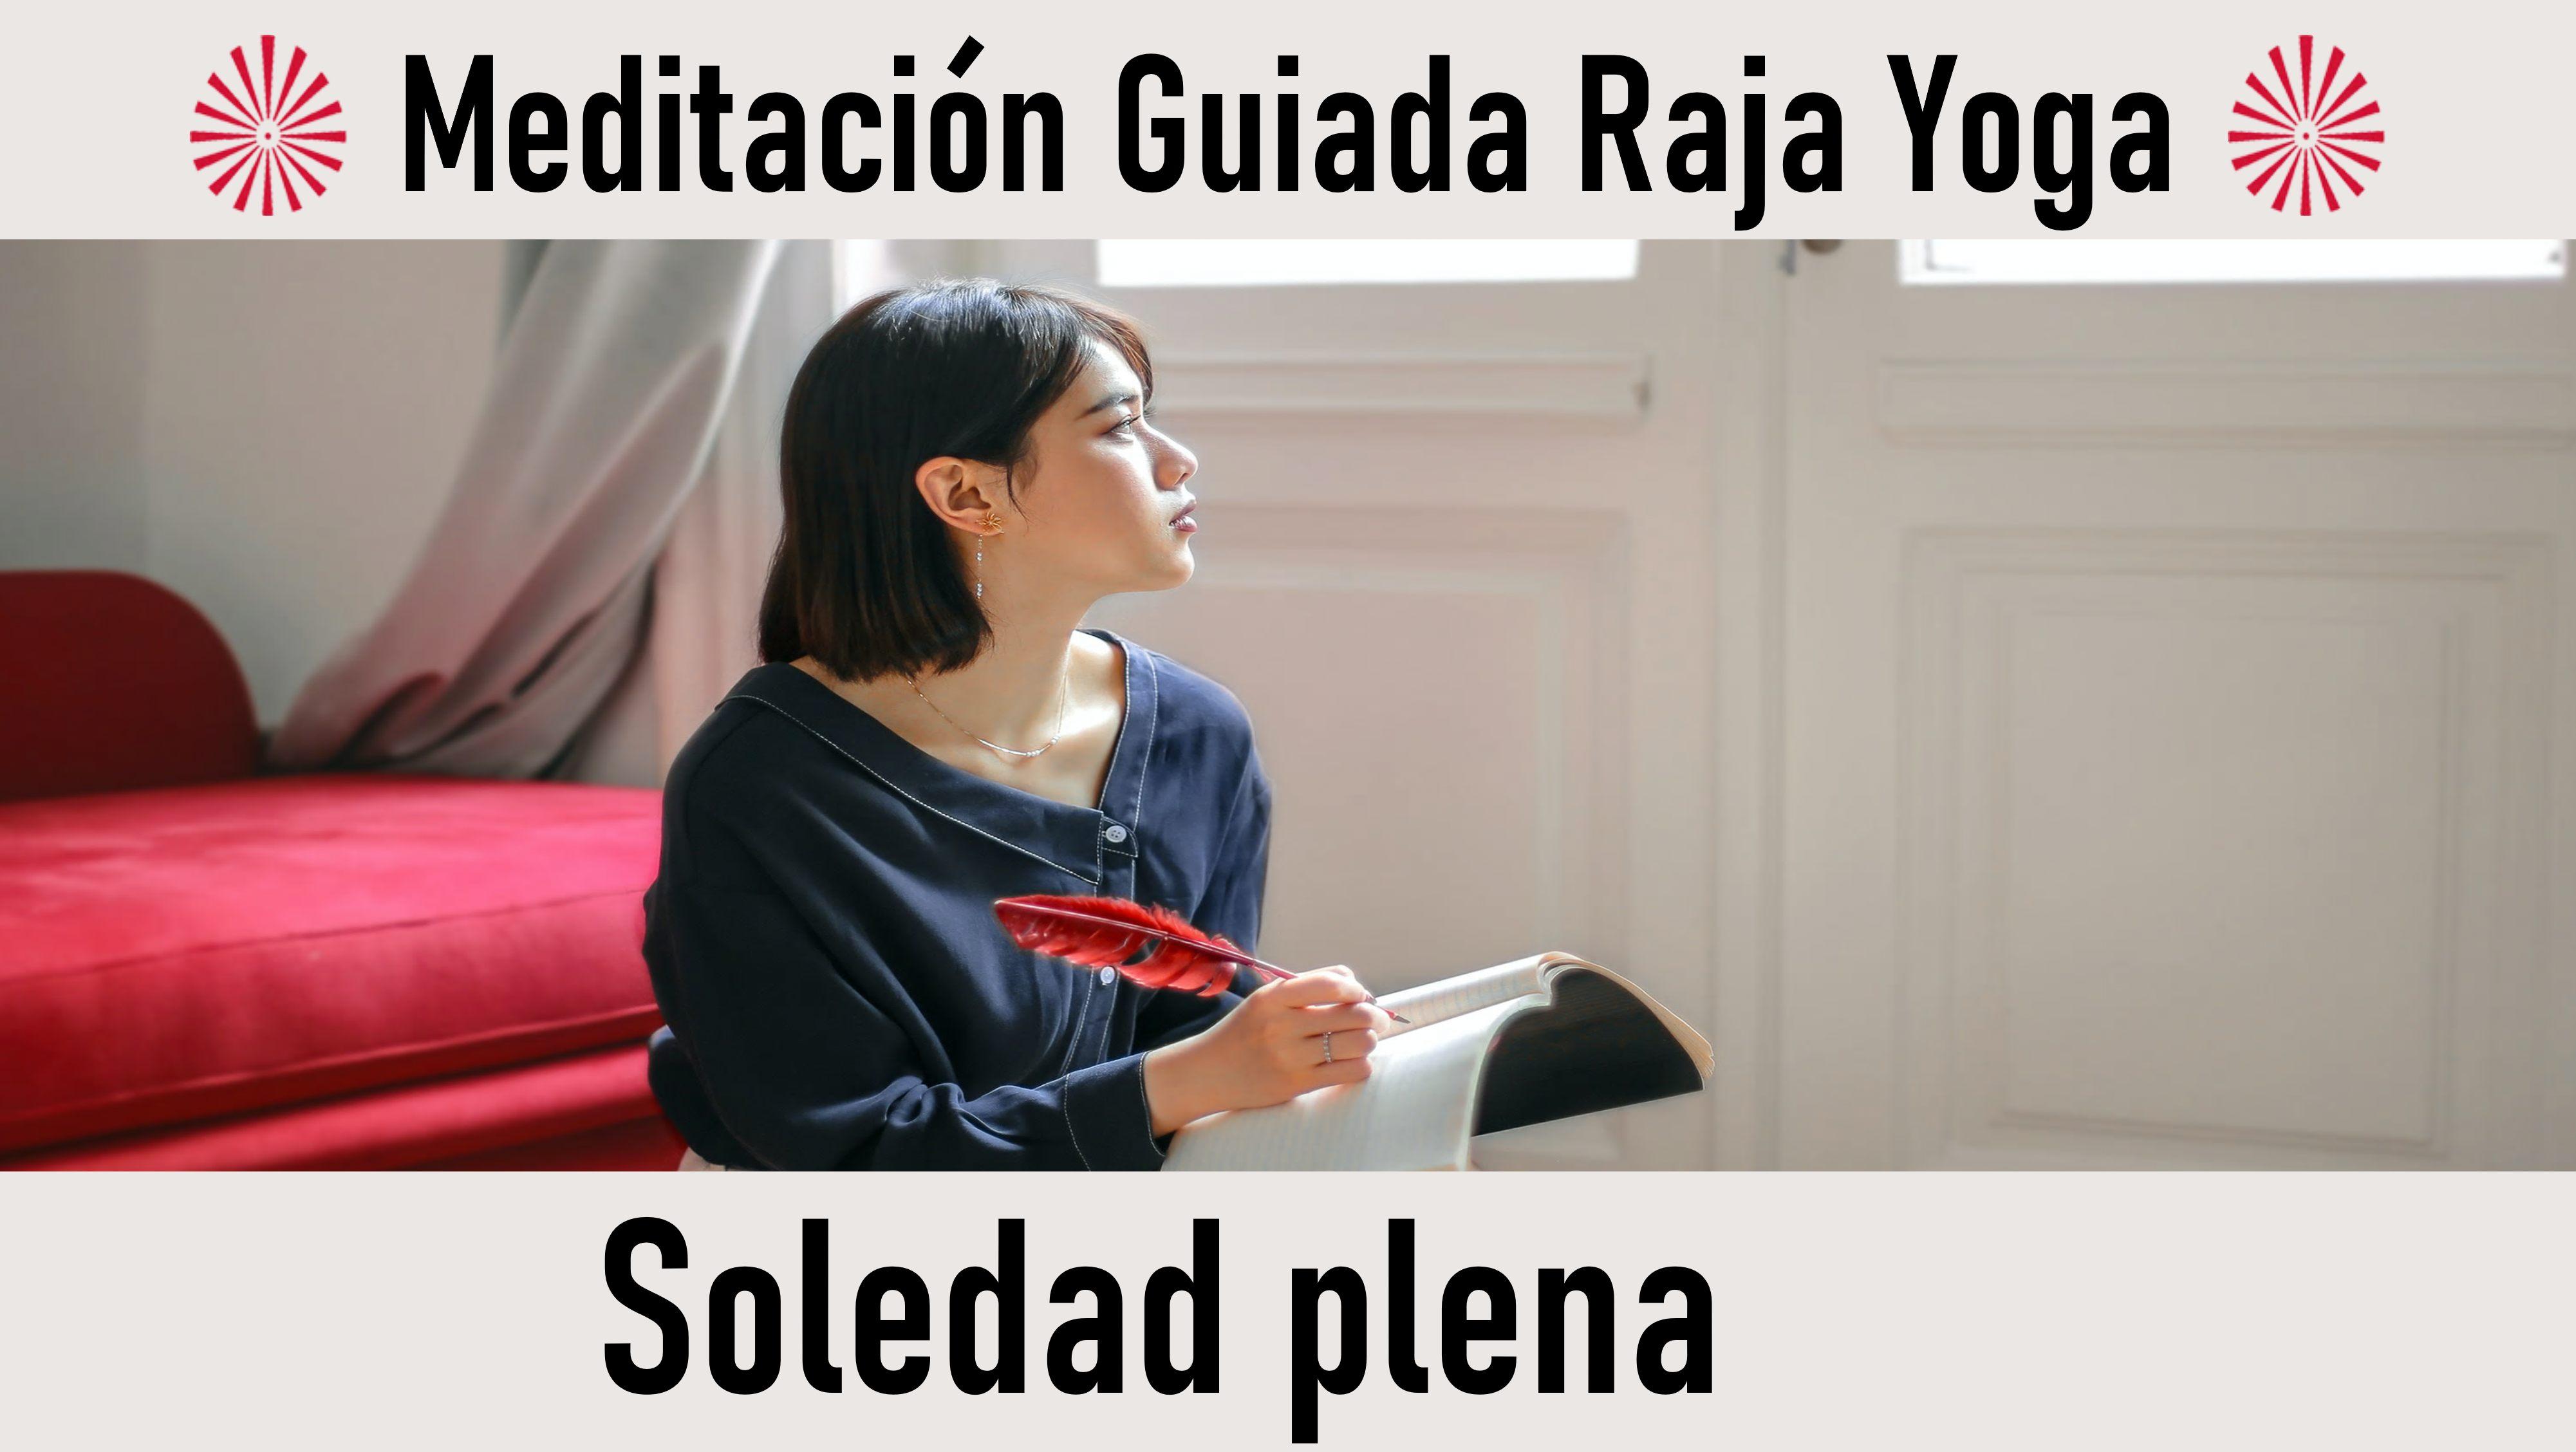 Meditación Raja Yoga: Soledad plena (28 Septiembre 2020) On-line desde Madrid